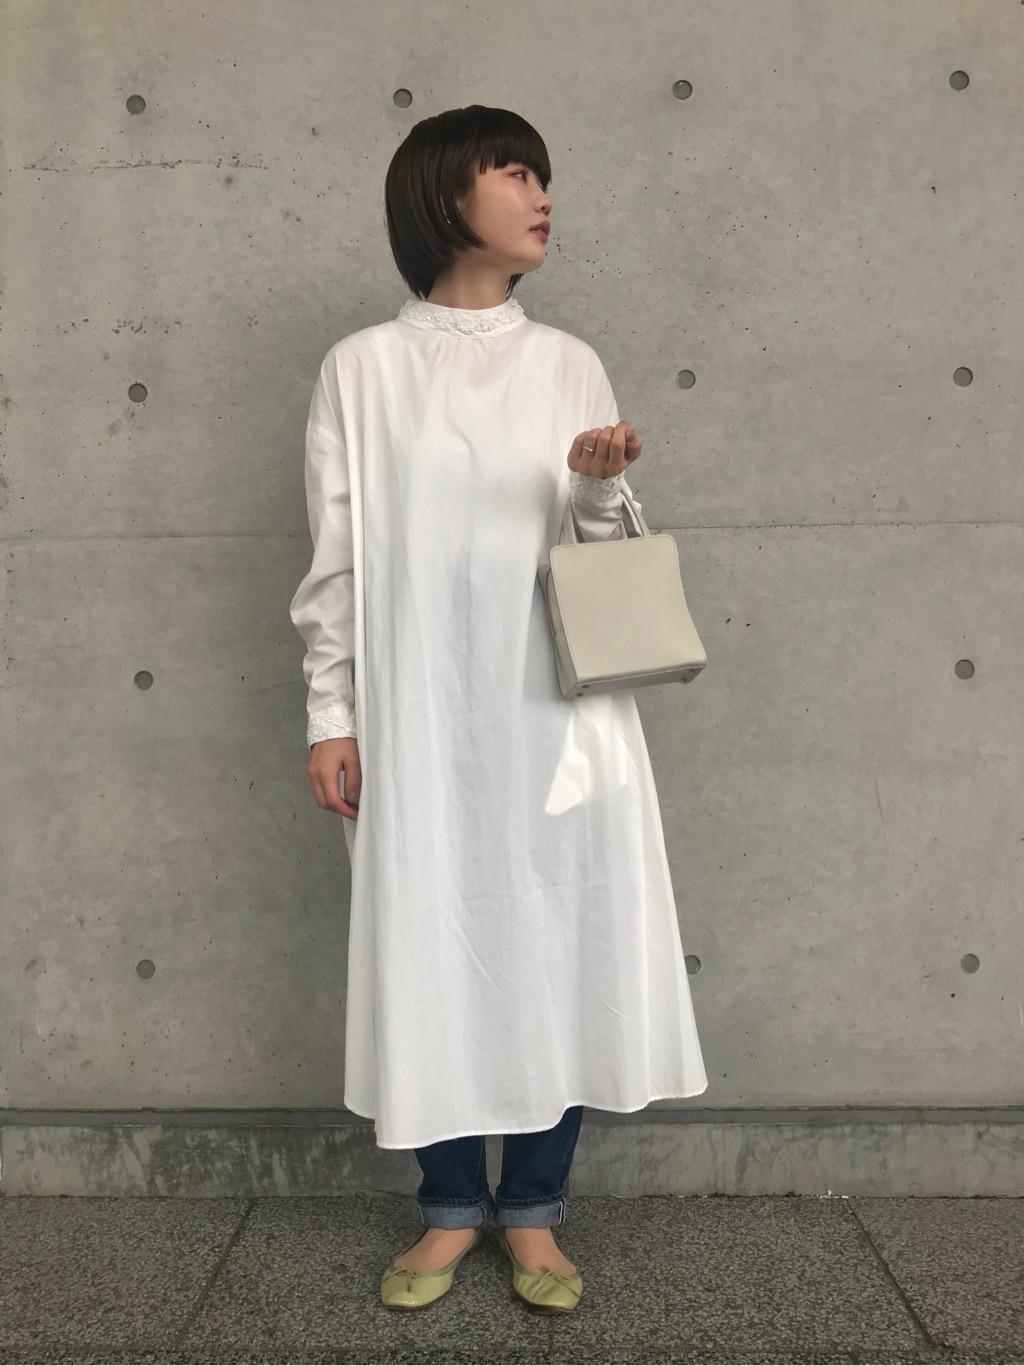 東京スカイツリータウン・ソラマチ 2020.09.15